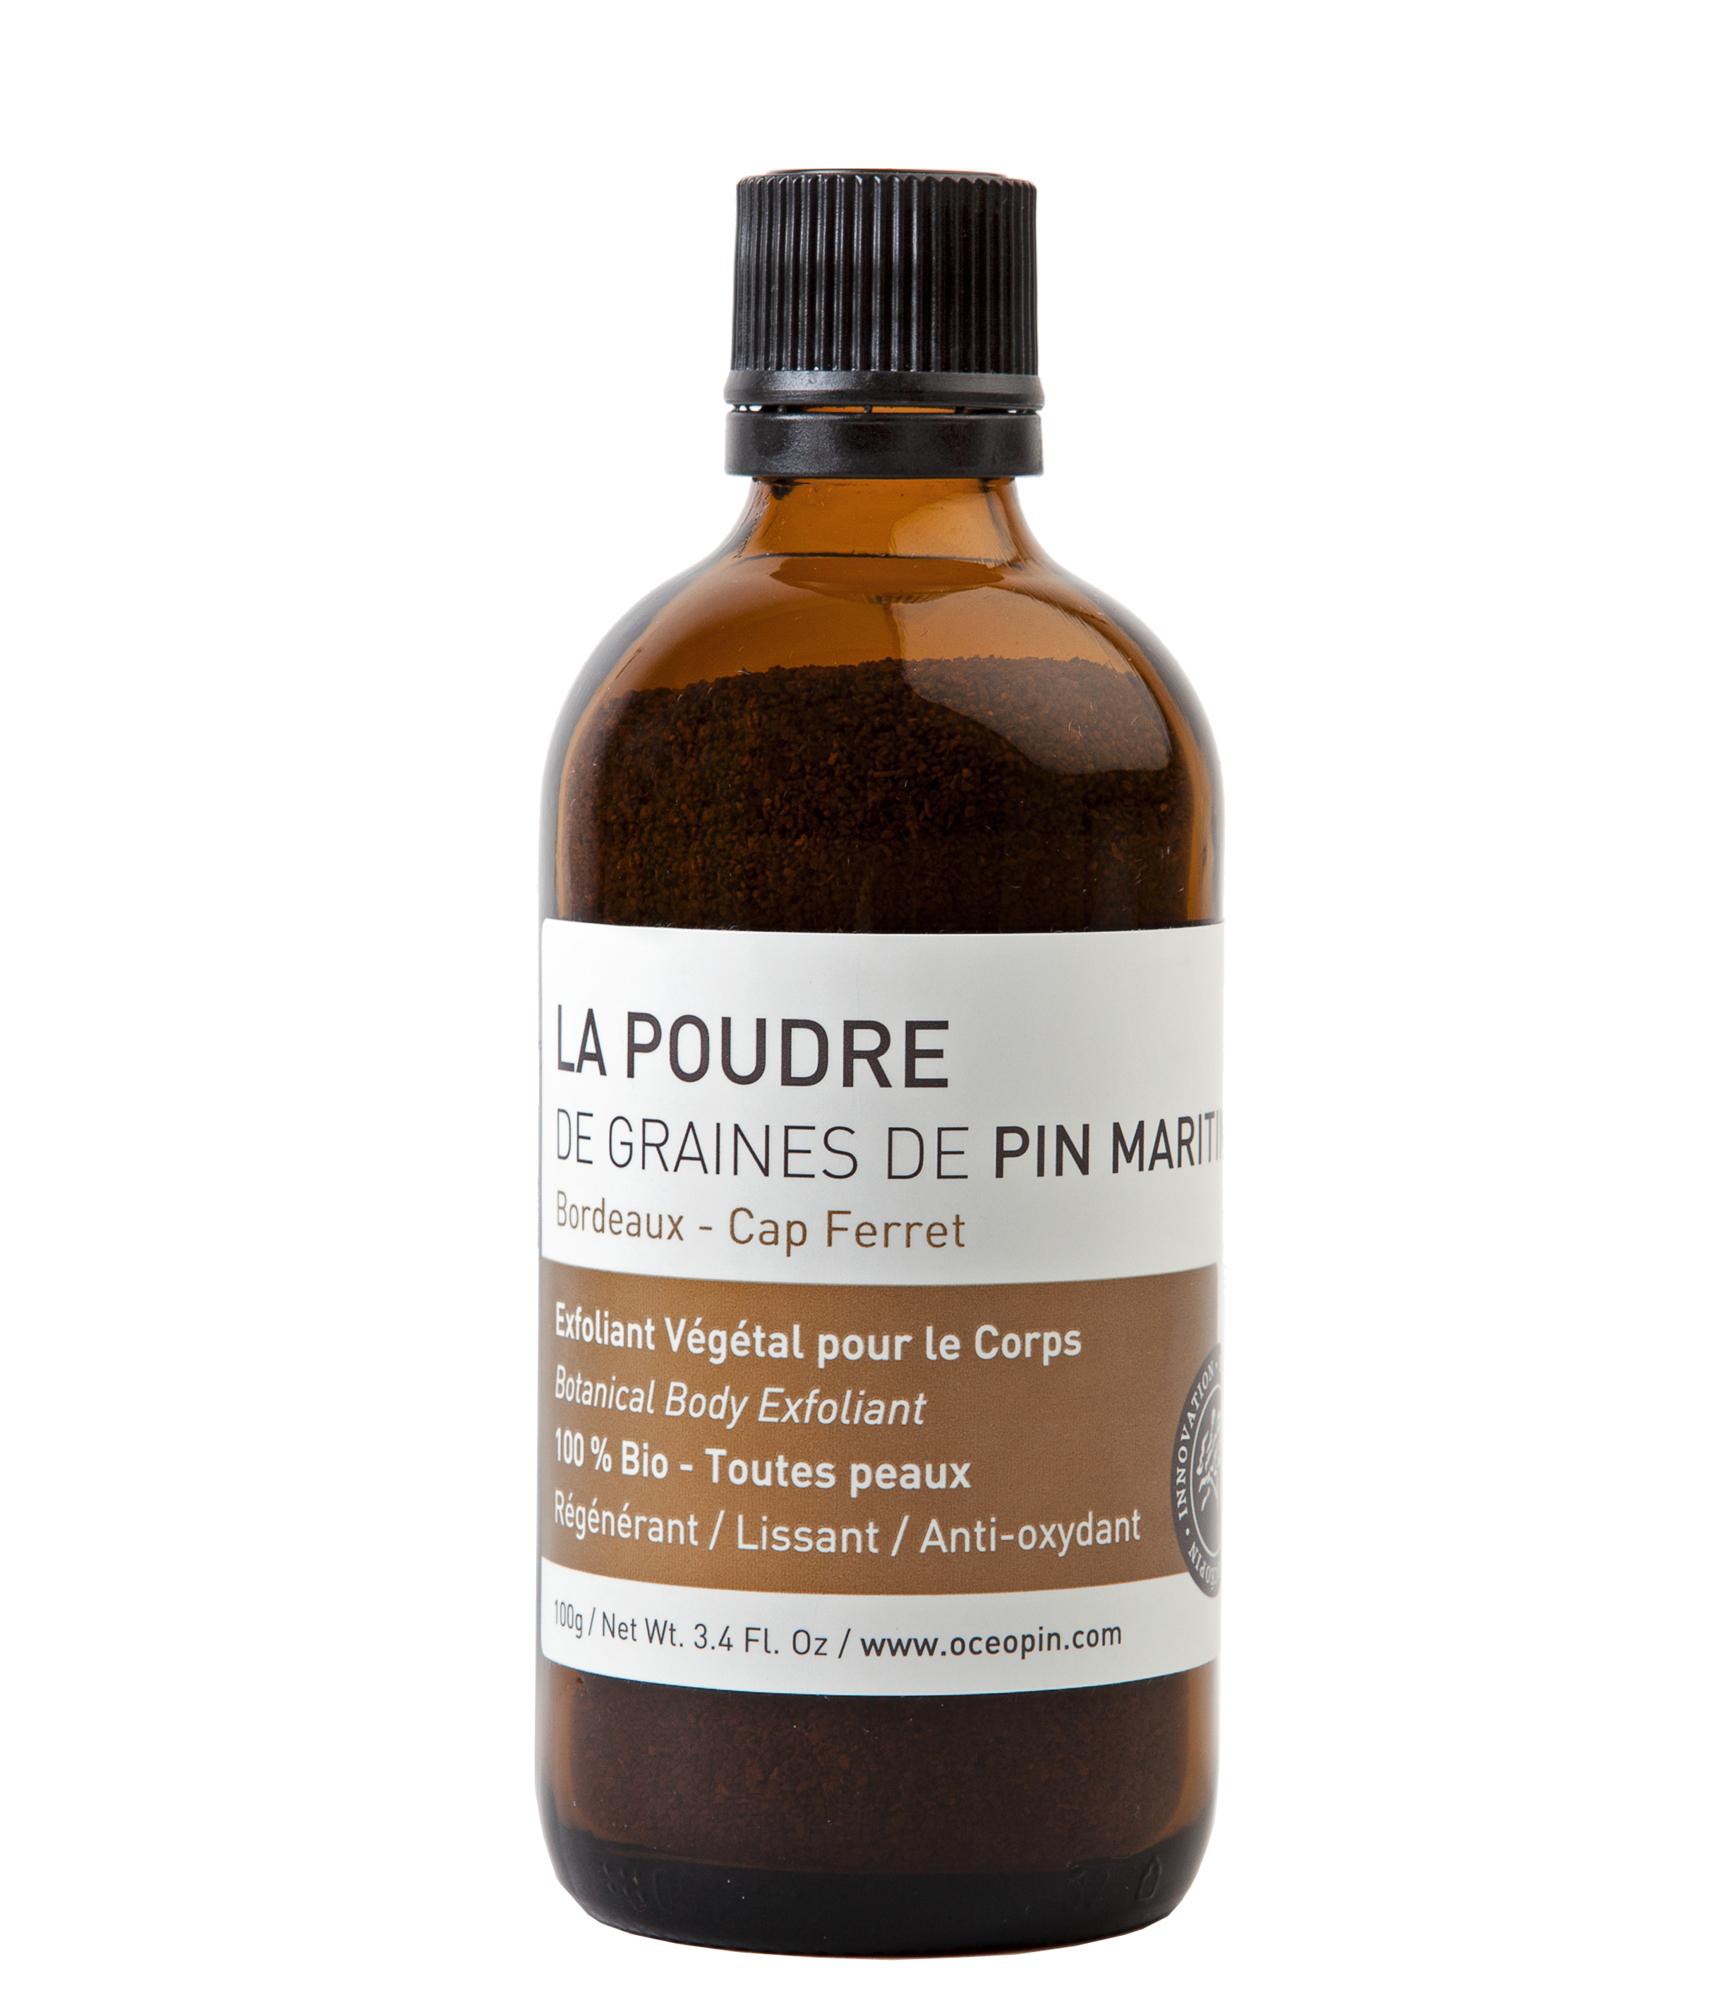 Doux Good - Océopin - Poudre de graines de Pin Maritime, pour un gommage corps d'exception